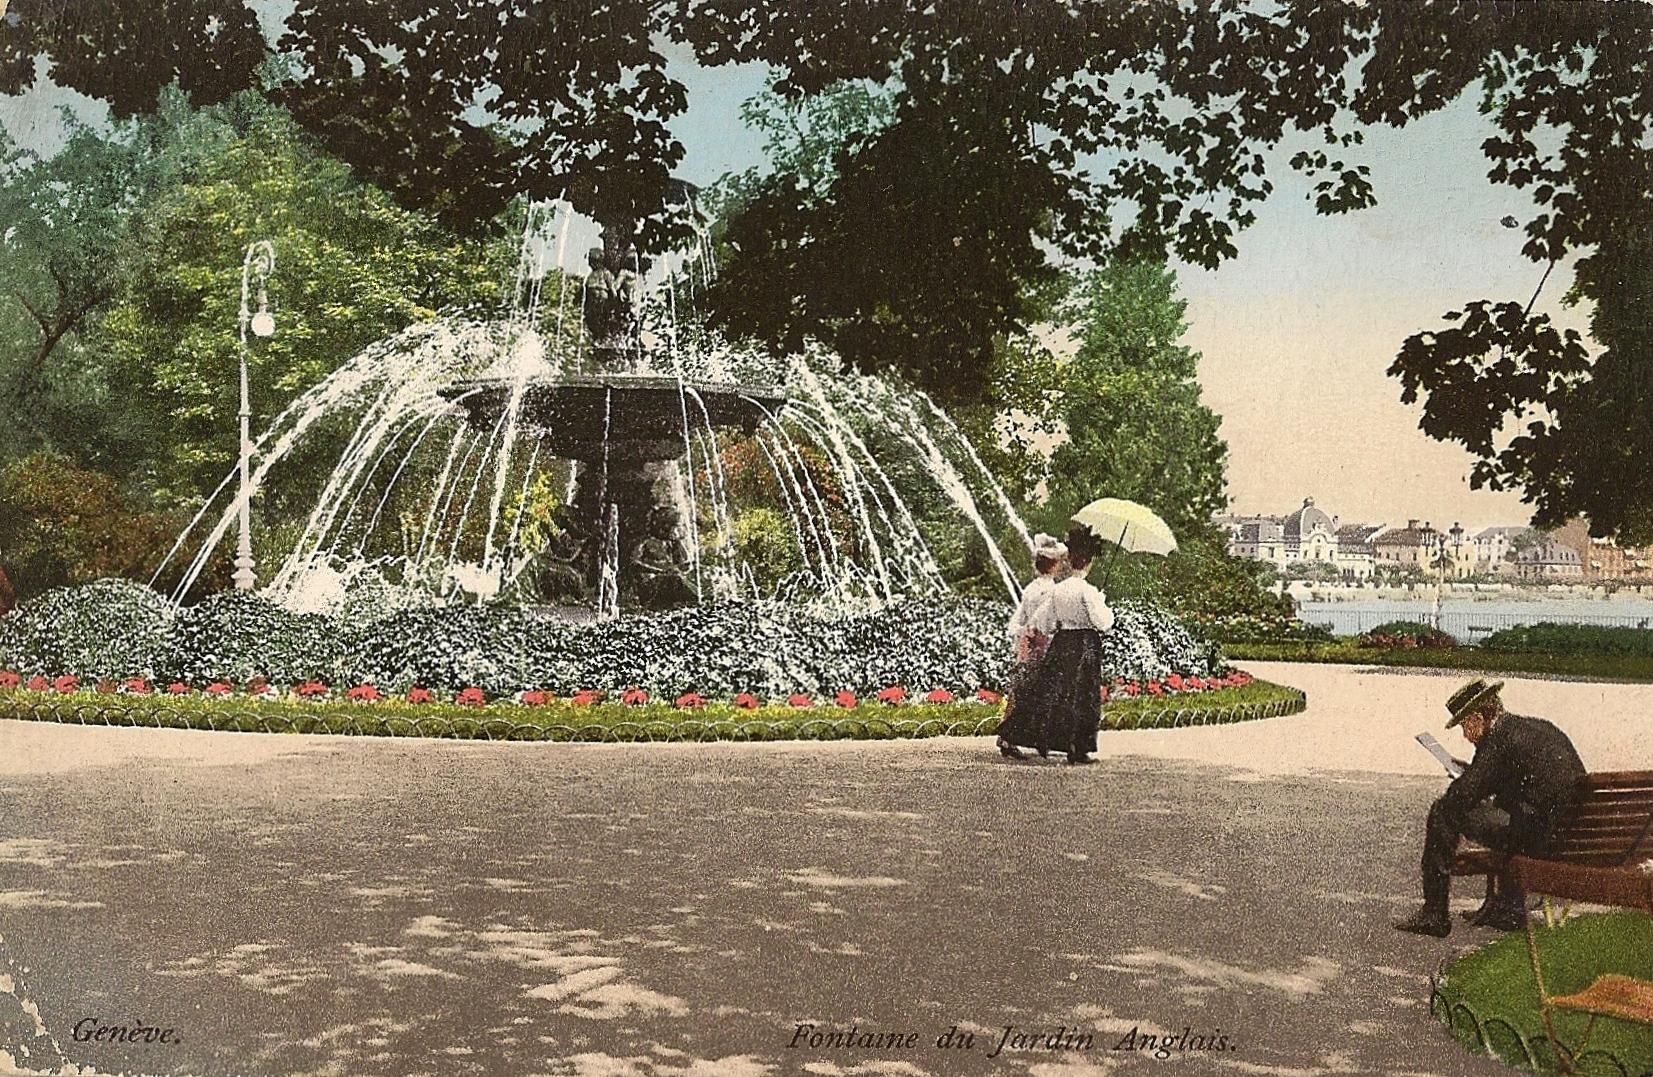 Fontaine des quatre saisons jardin anglais notre histoire for Image de jardin anglais